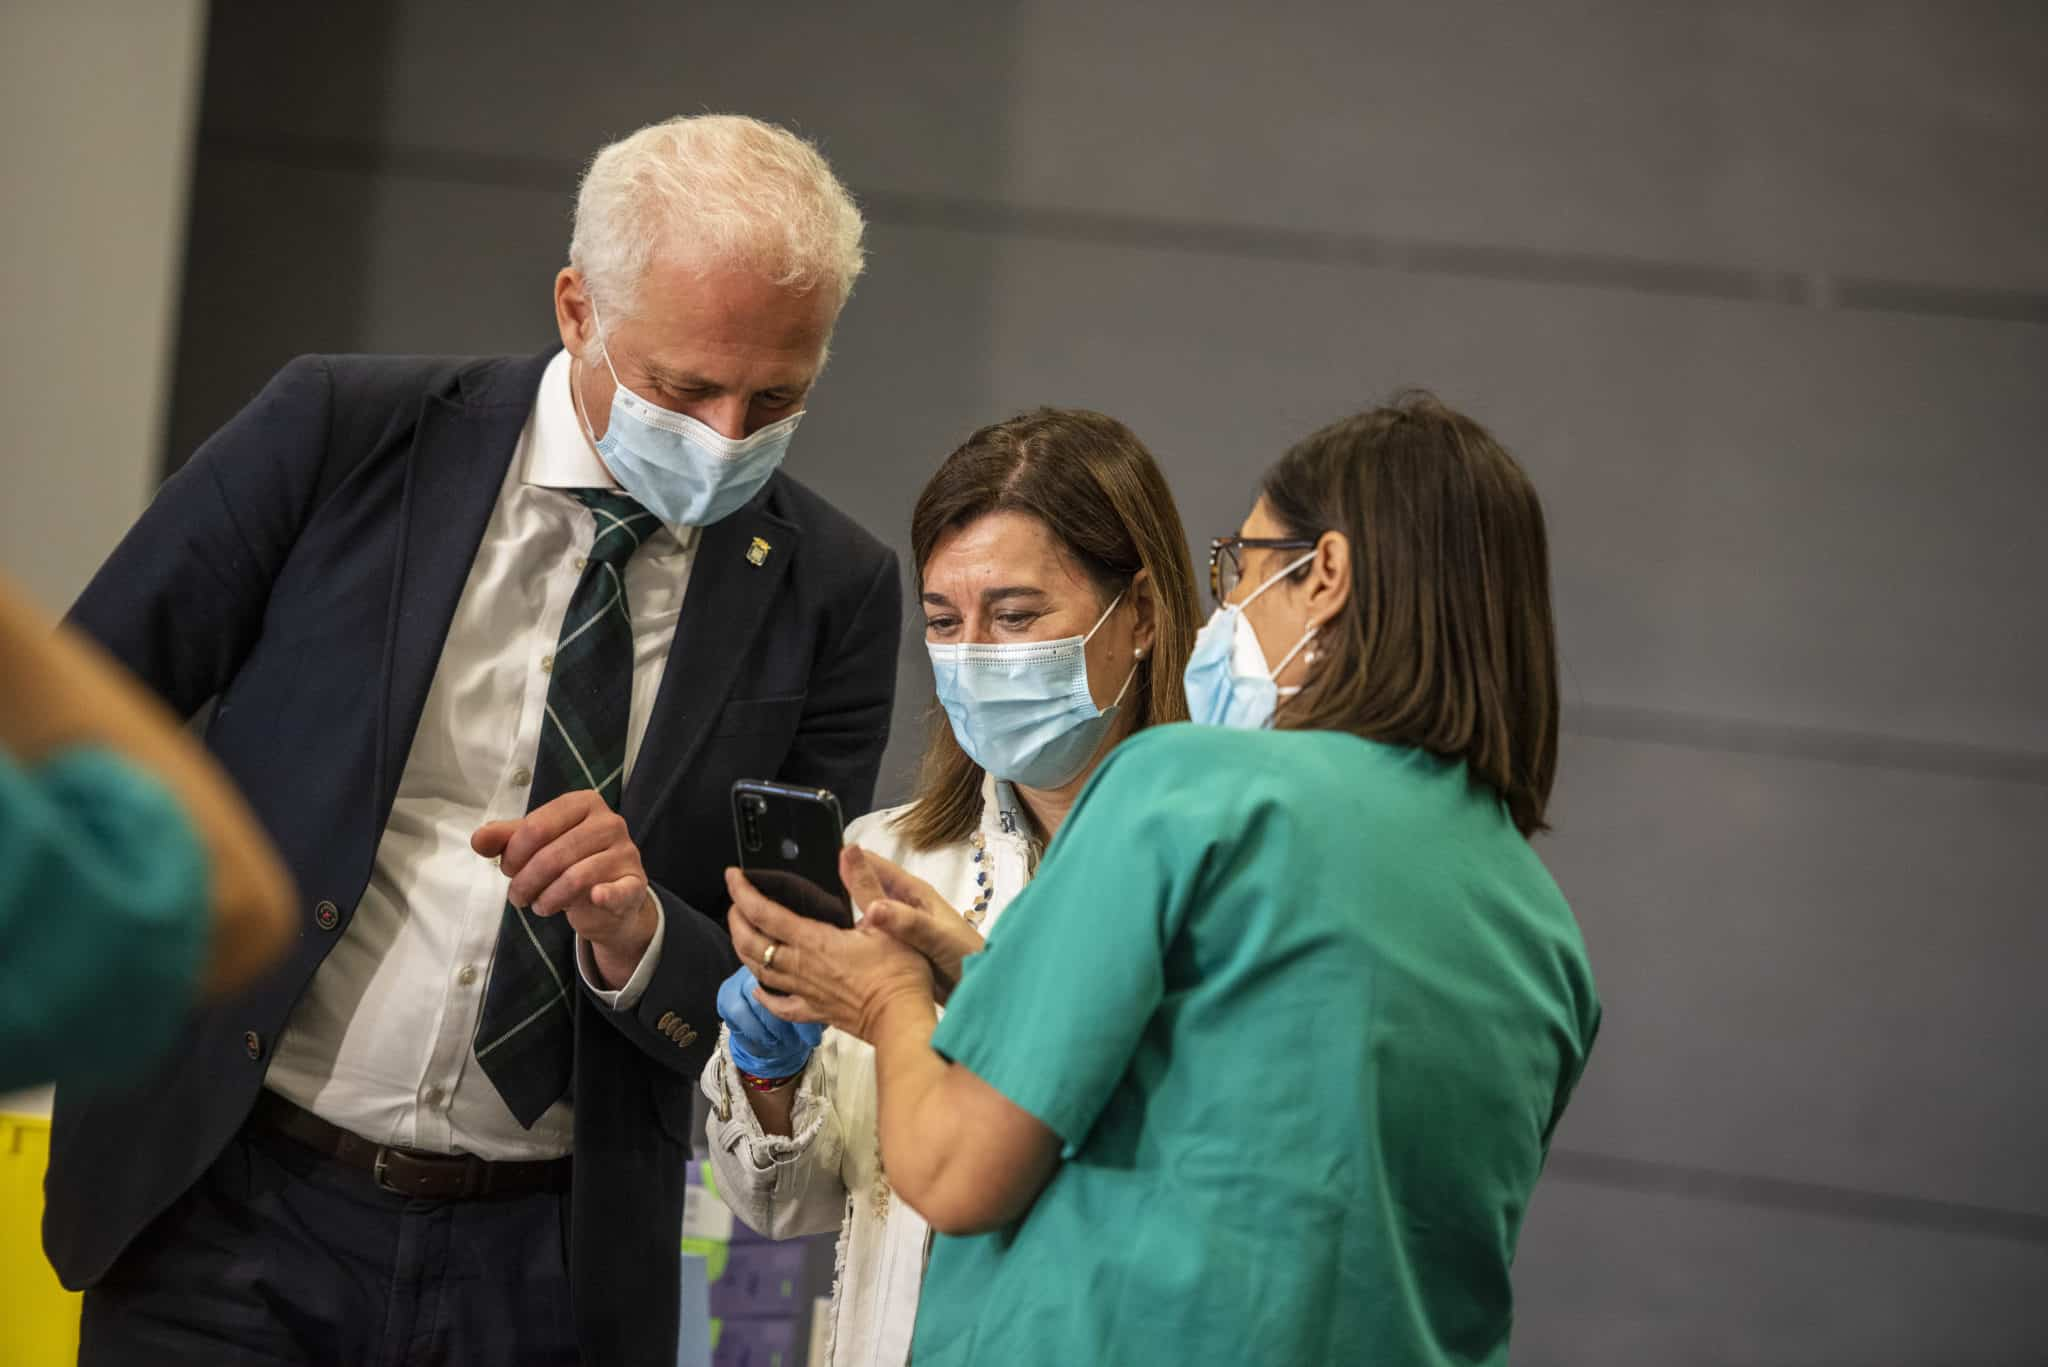 El dispositivo especial de cribado en Logroño recoge más de 800 muestras en las cuatro primeras horas 5